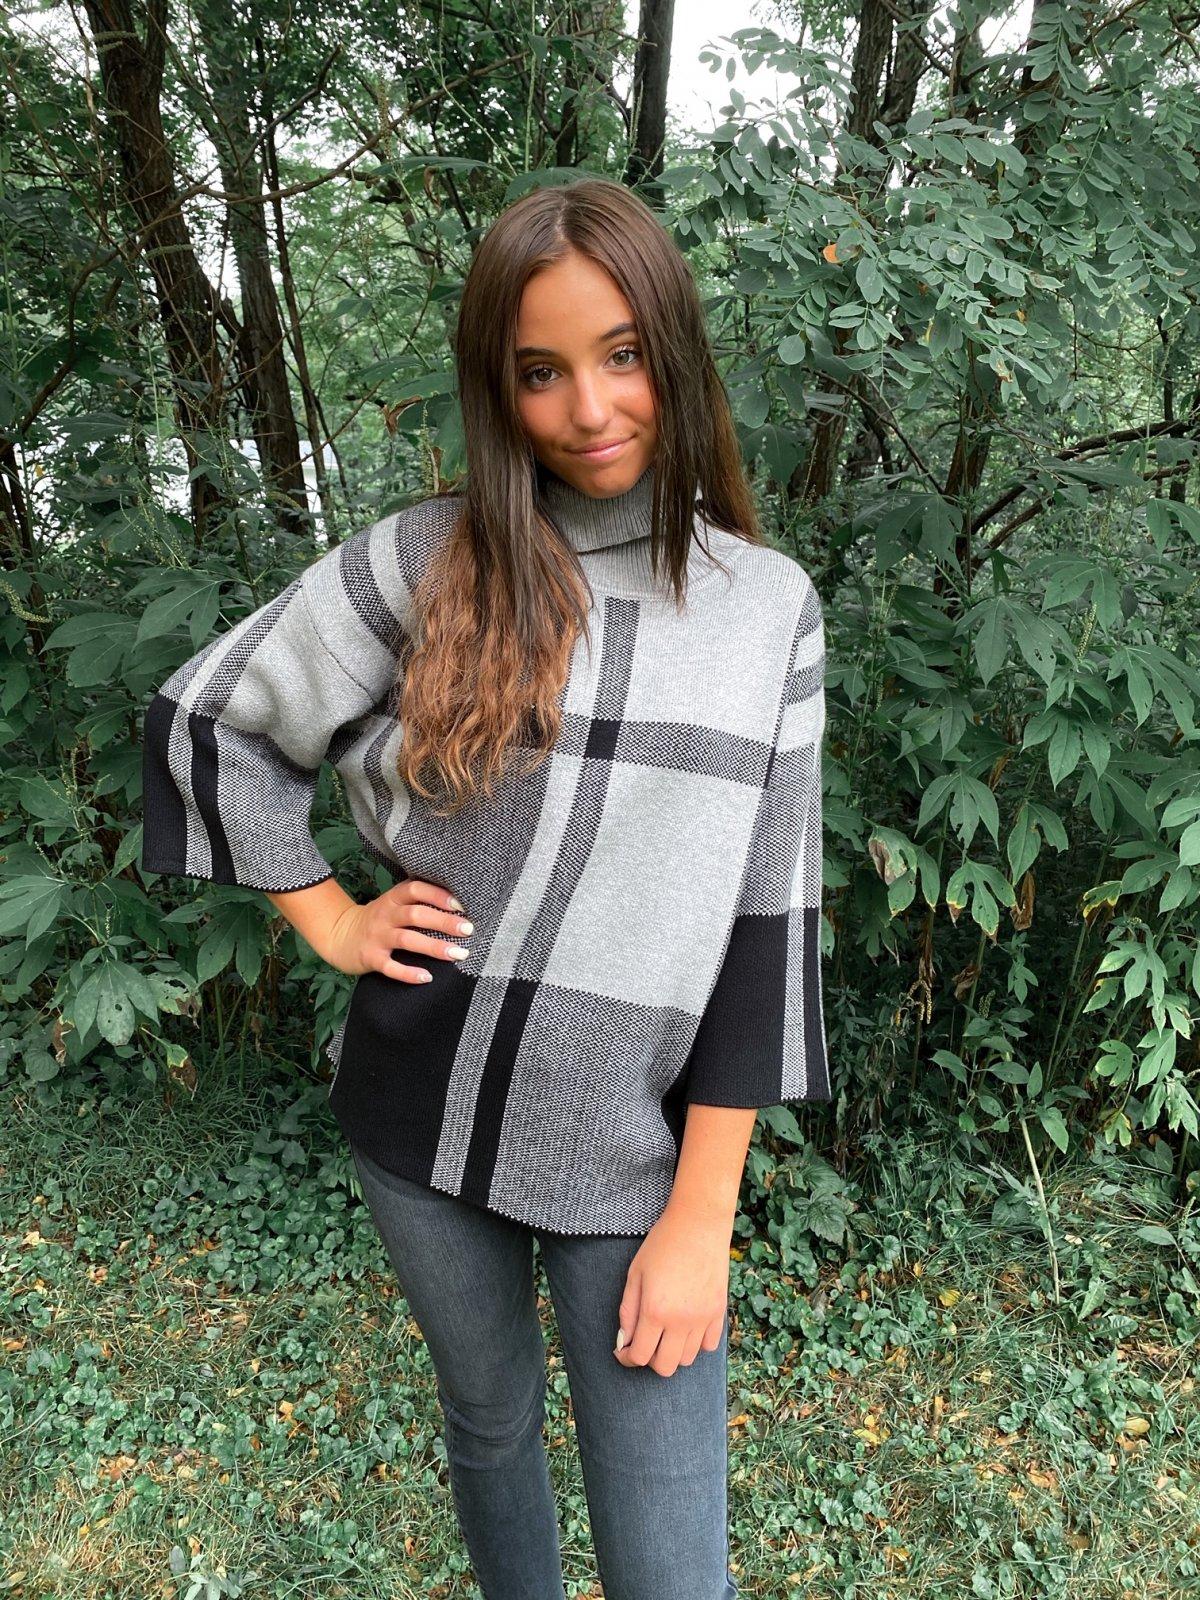 RAI Black/Grey Plaid 3/4Slv TNk Poncho Sweater